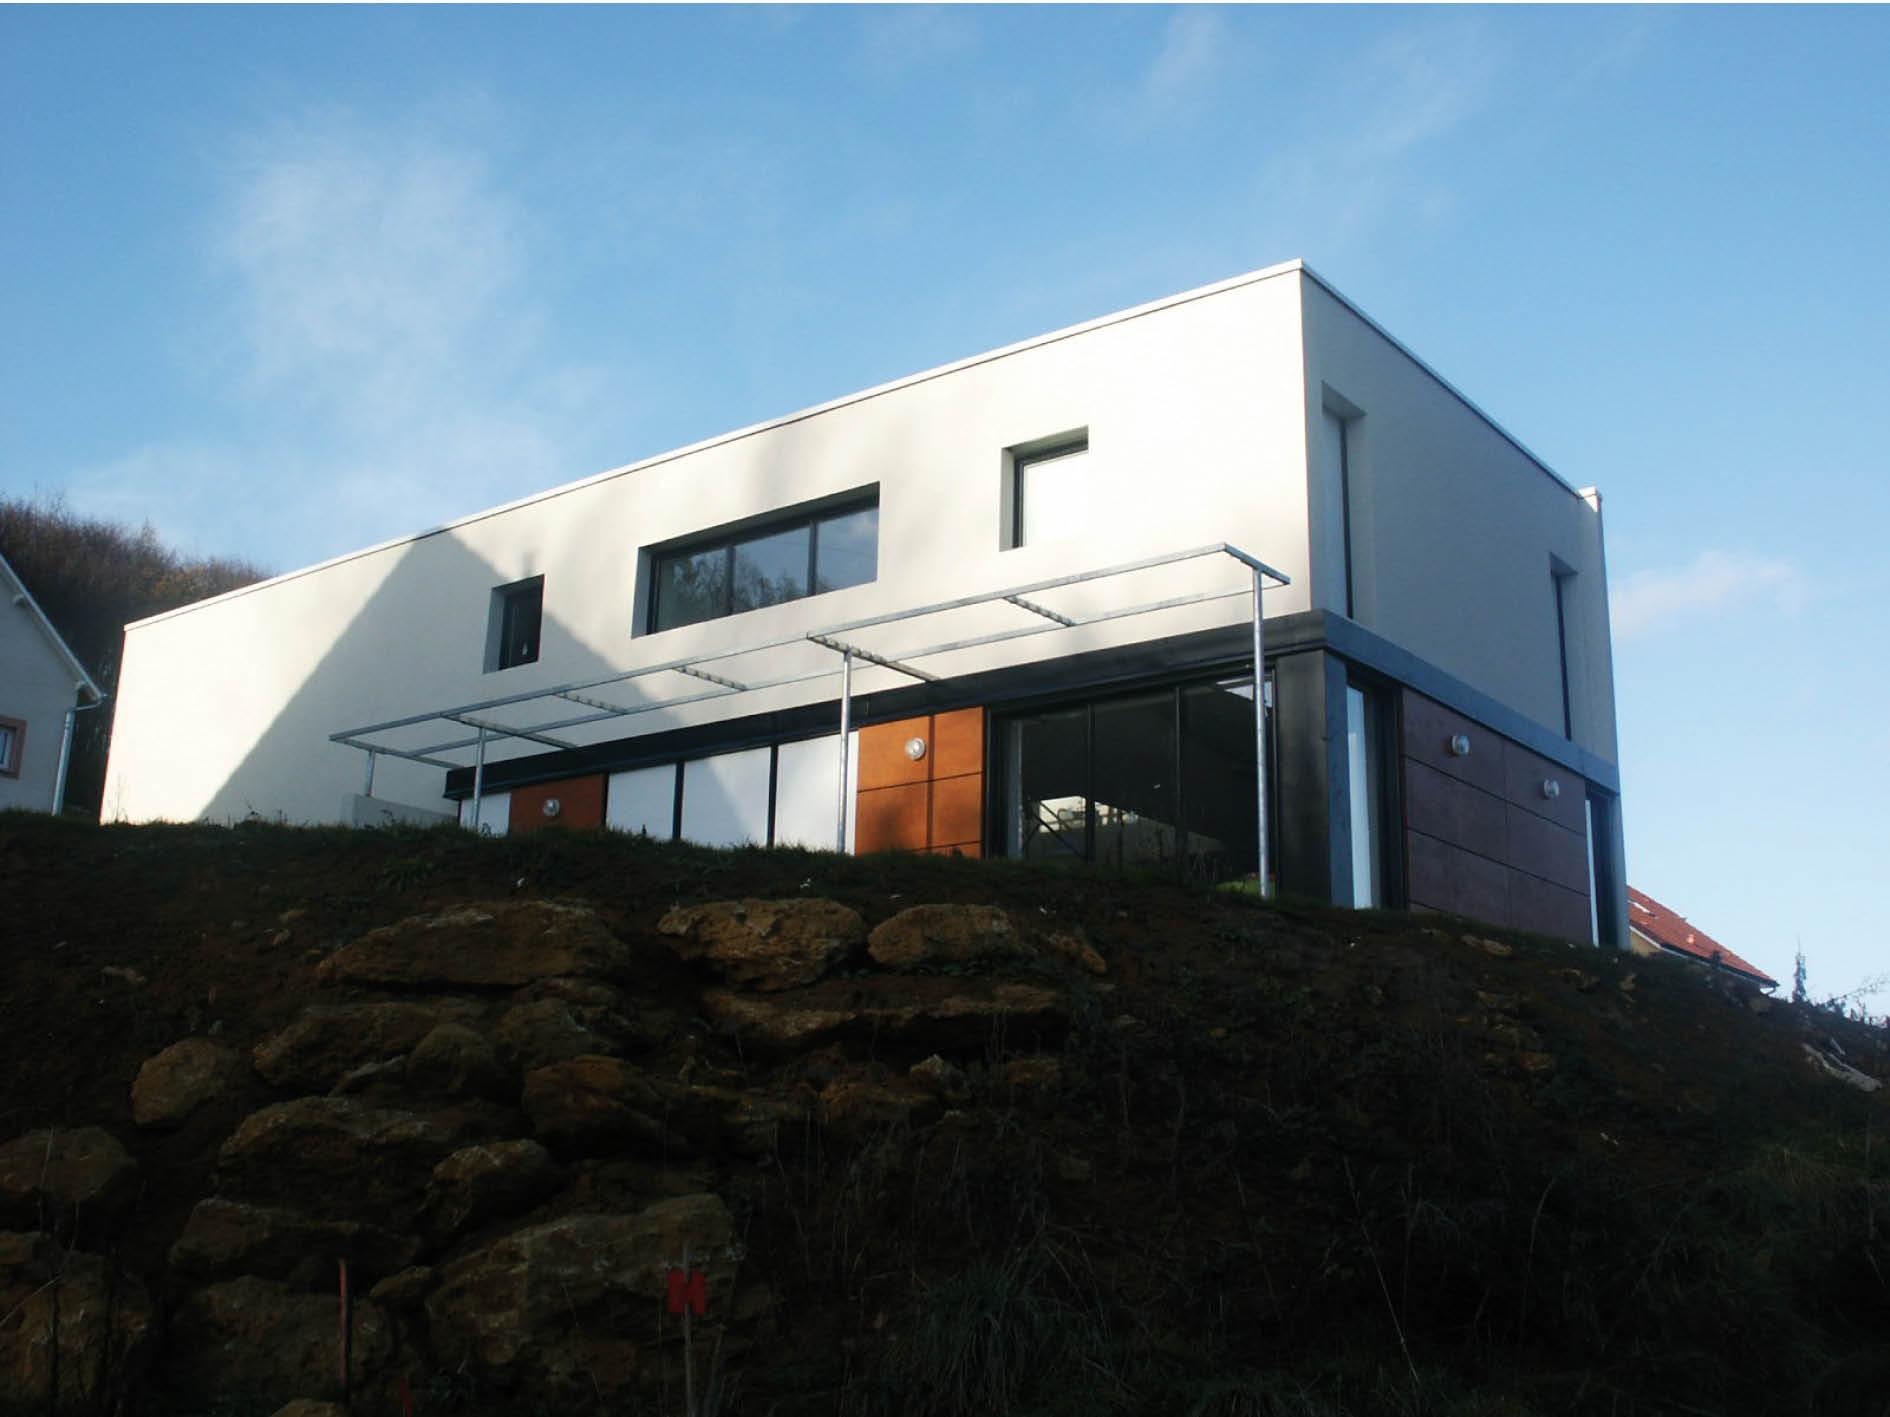 Maison hb n archi for Hb architectes